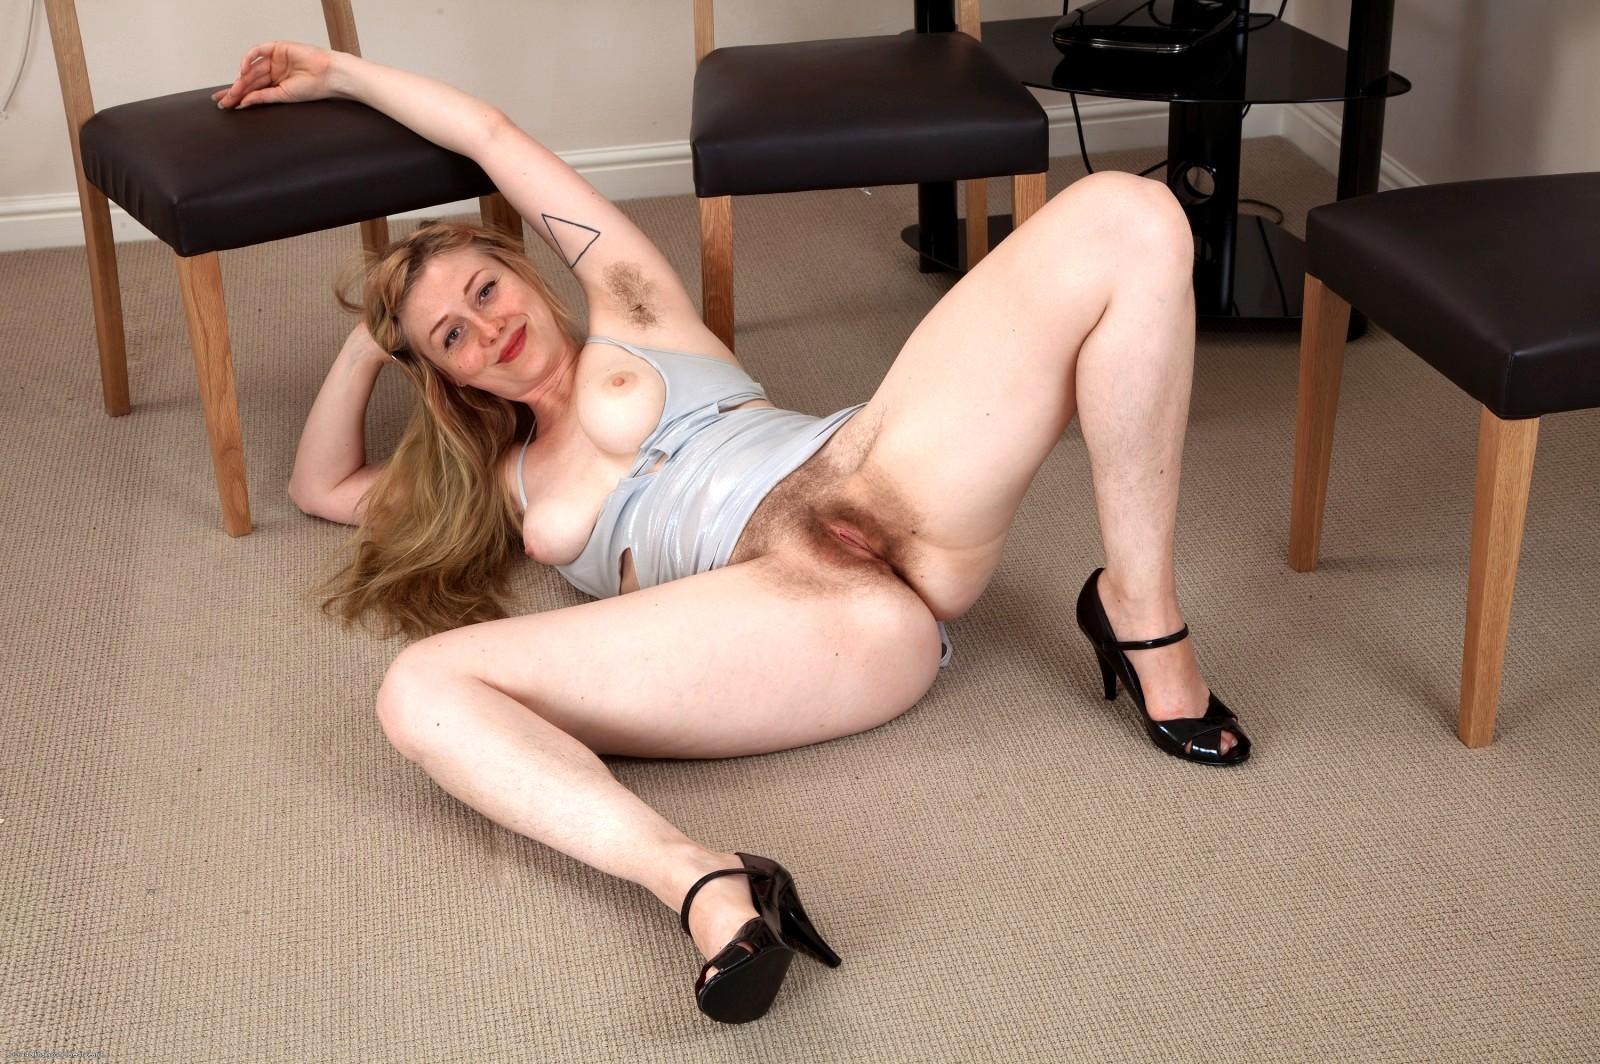 nice ass nude pics